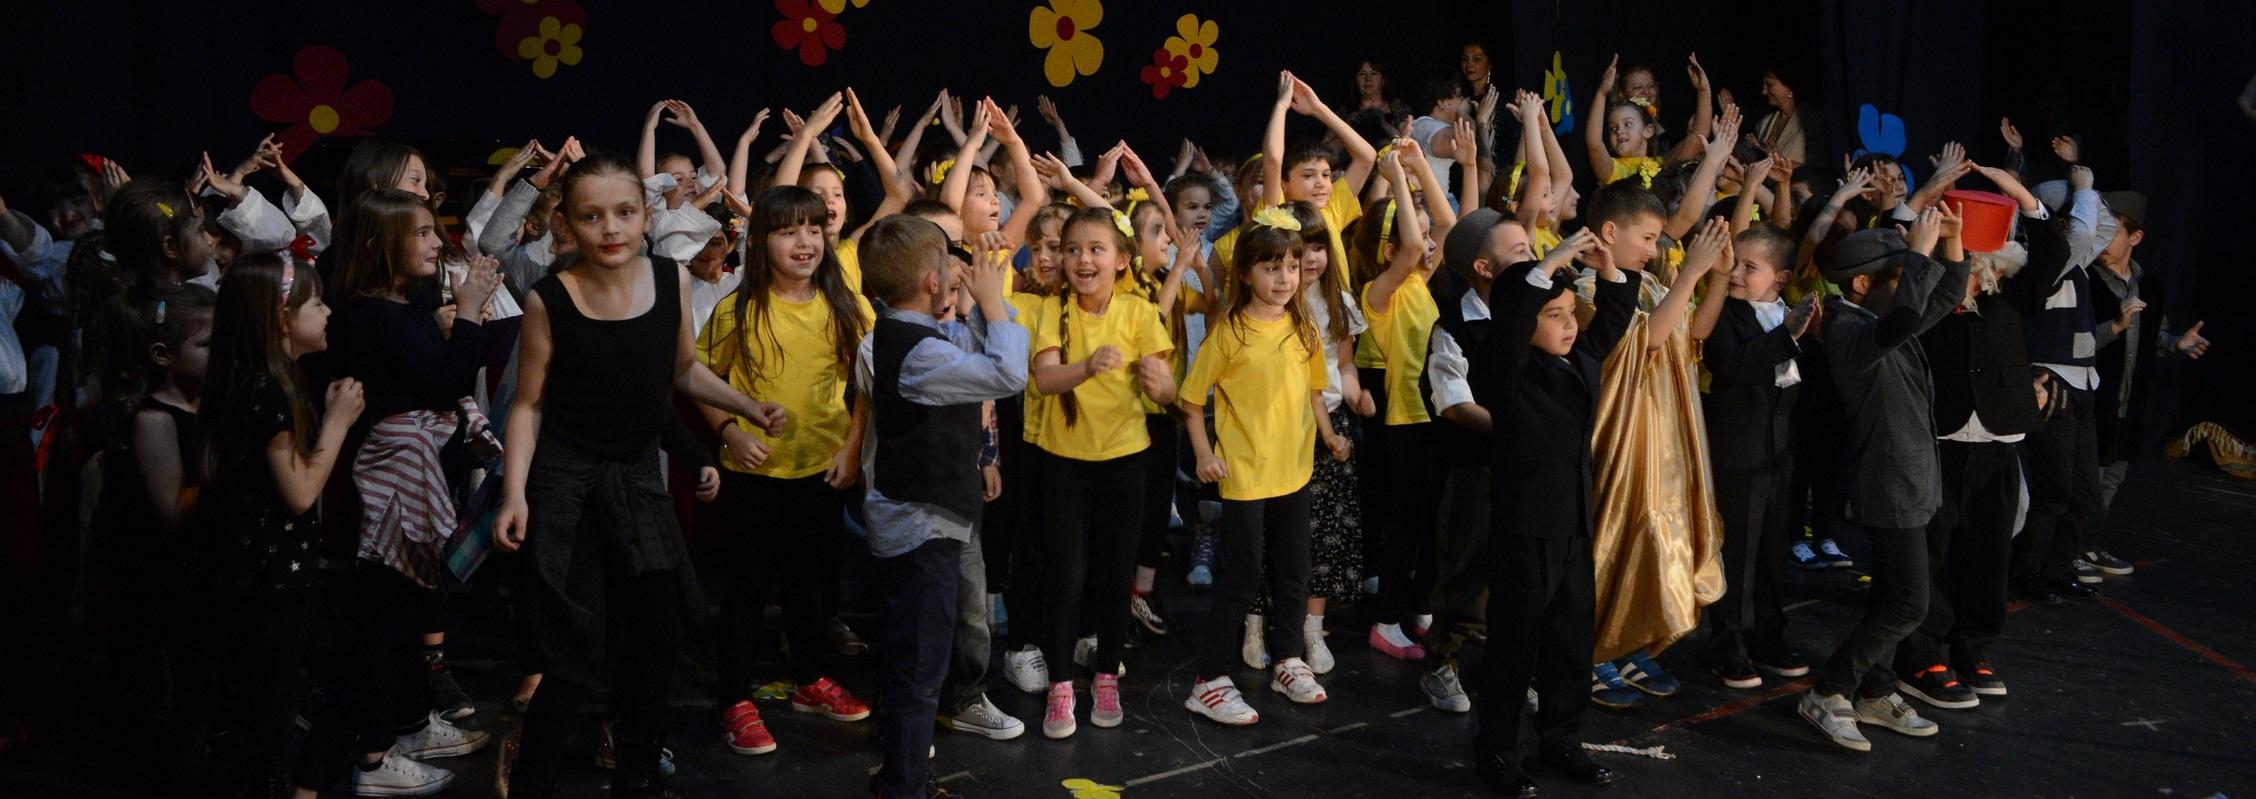 Свечана академија у сали биоскопа поводом прославе 50 година установе